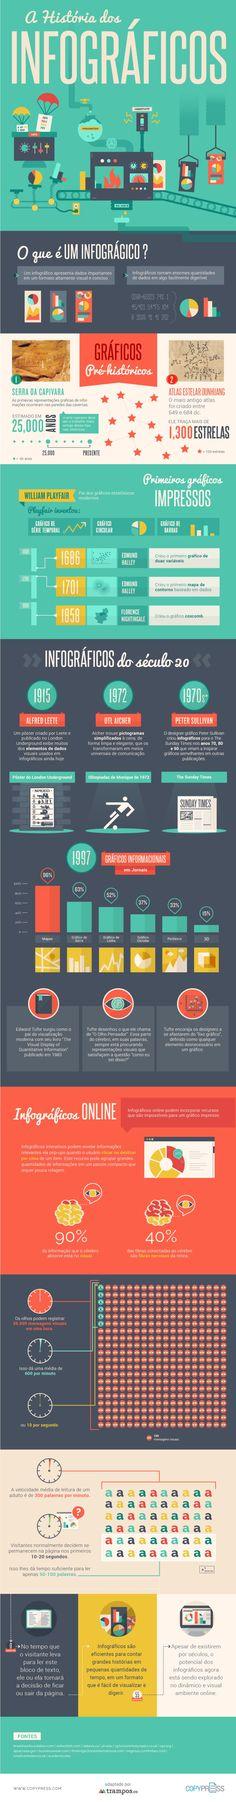 A História dos Infográficos